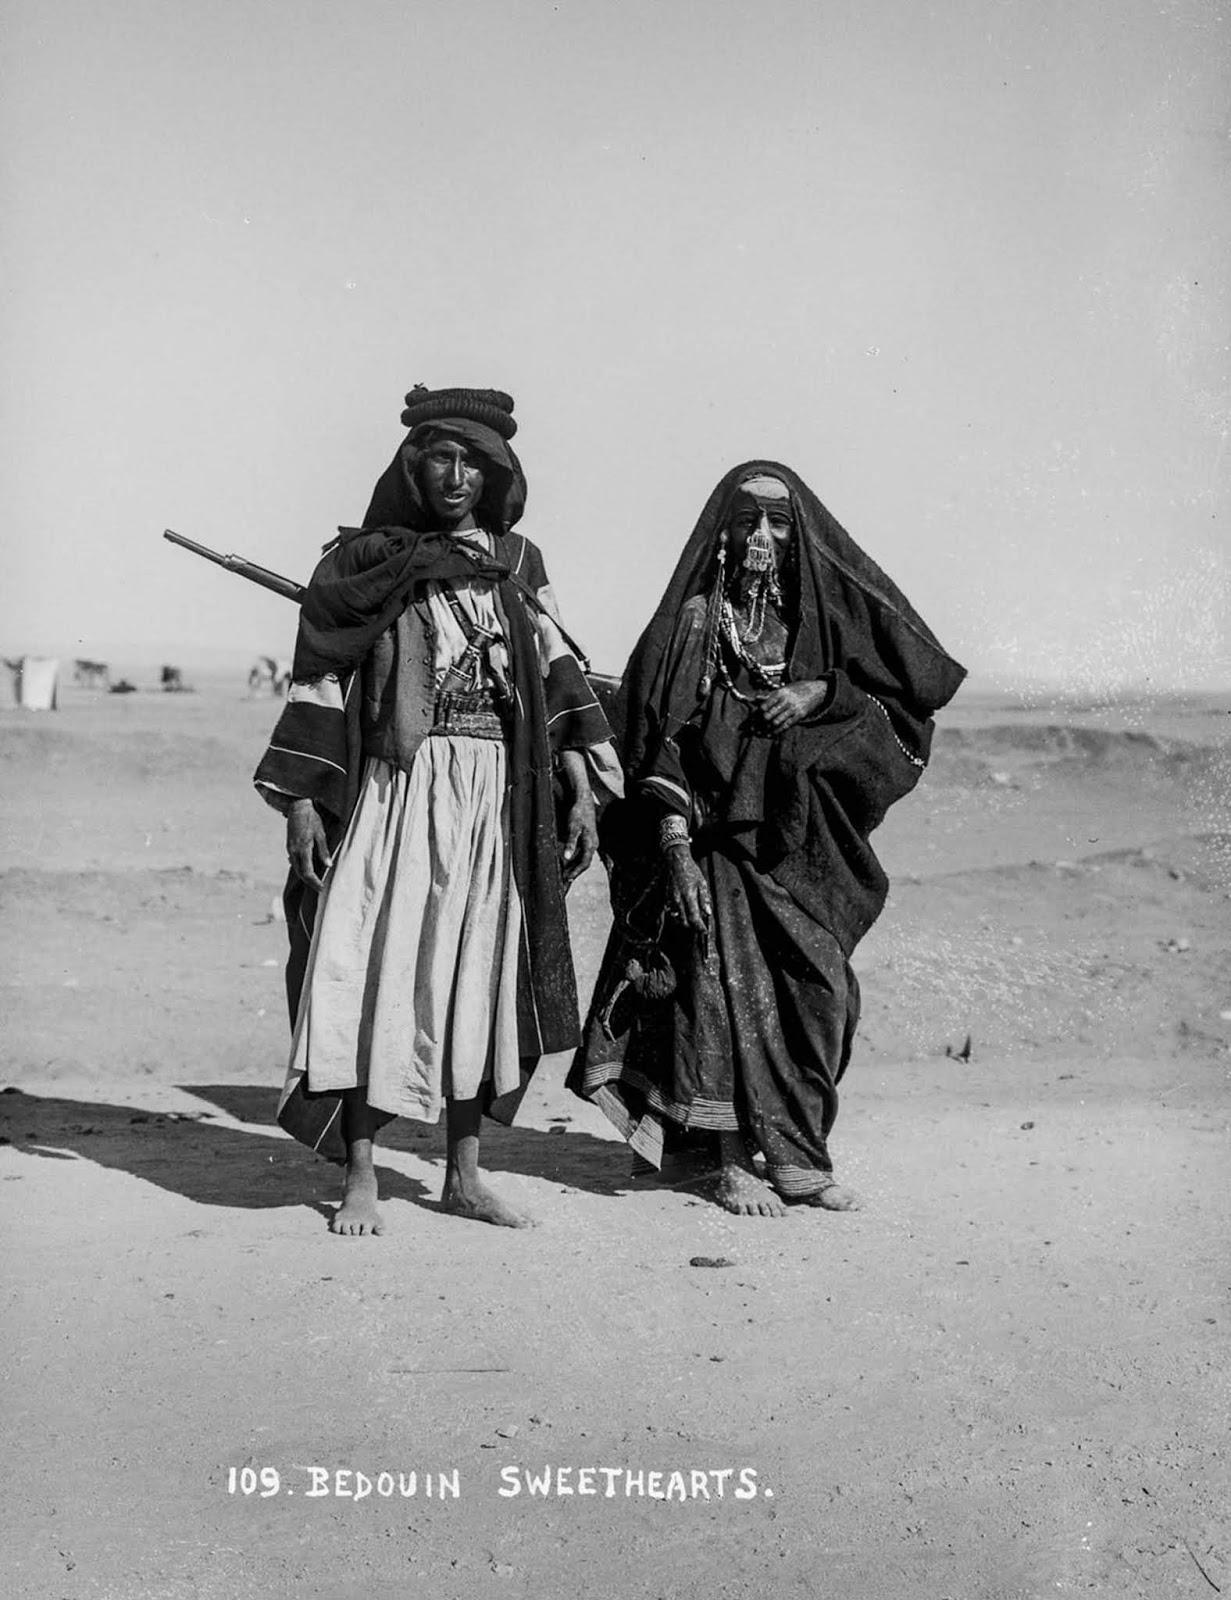 Bedouin sweethearts.